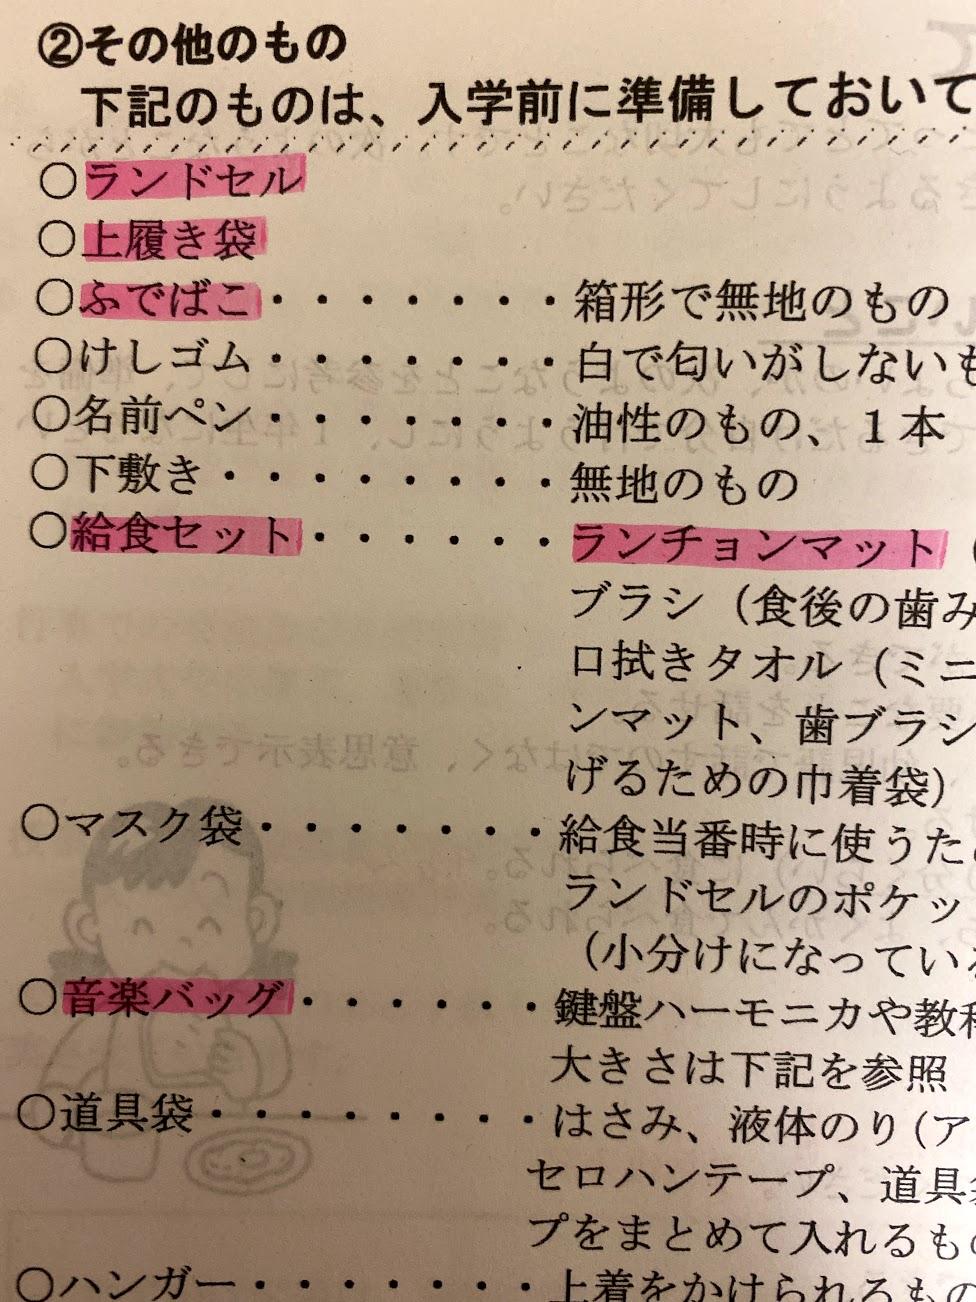 「入学のしおり」に書かれている小学校入学に必要なもの一覧